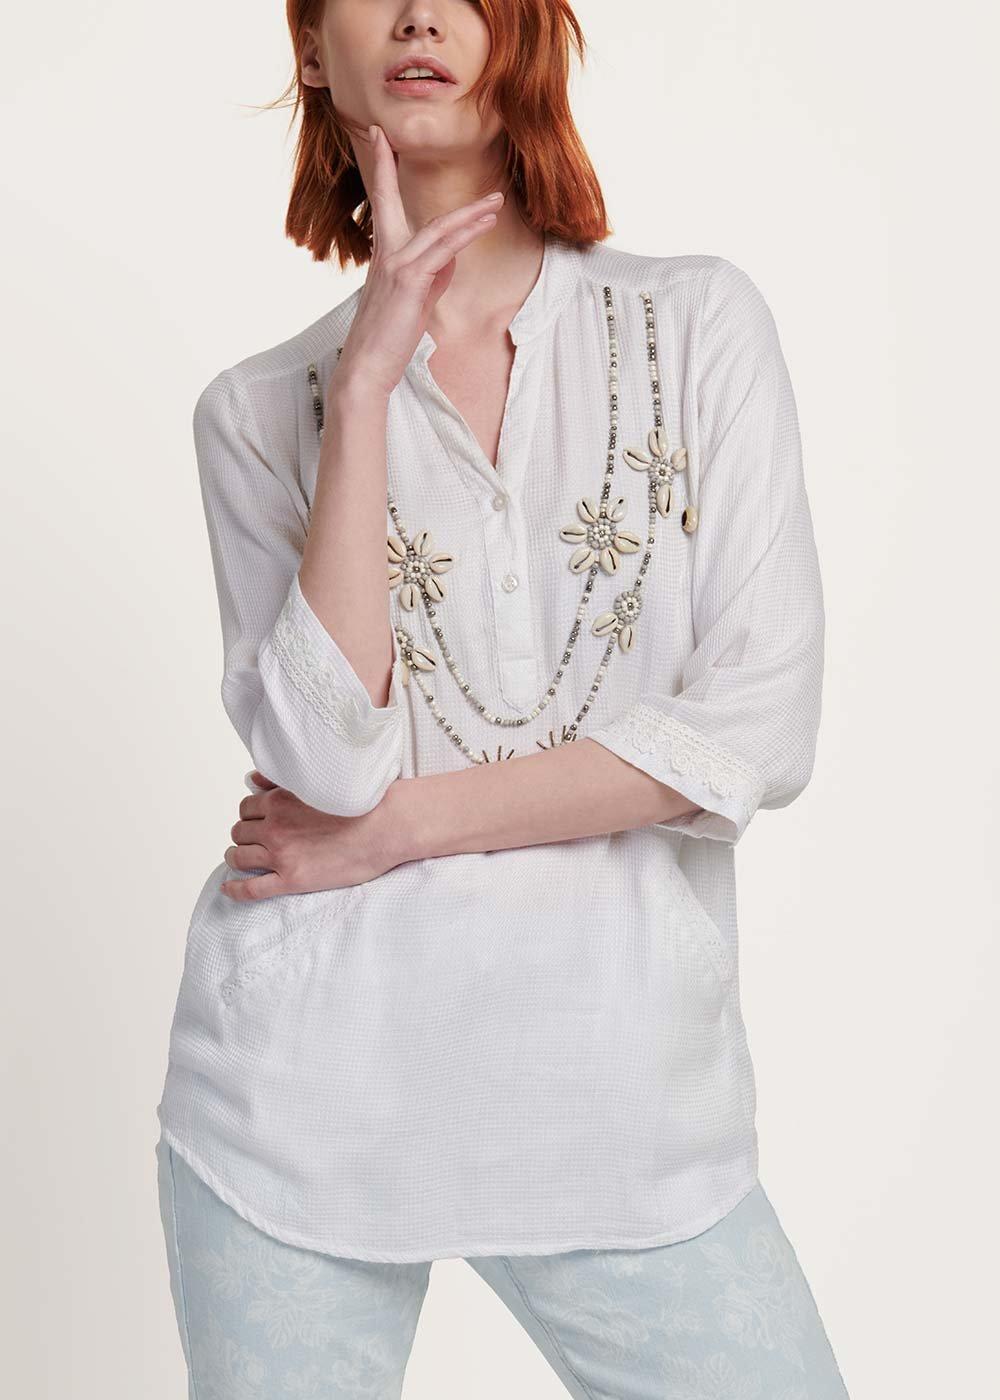 Blusa Coly con ricamo di perle e conchiglie - White - Donna